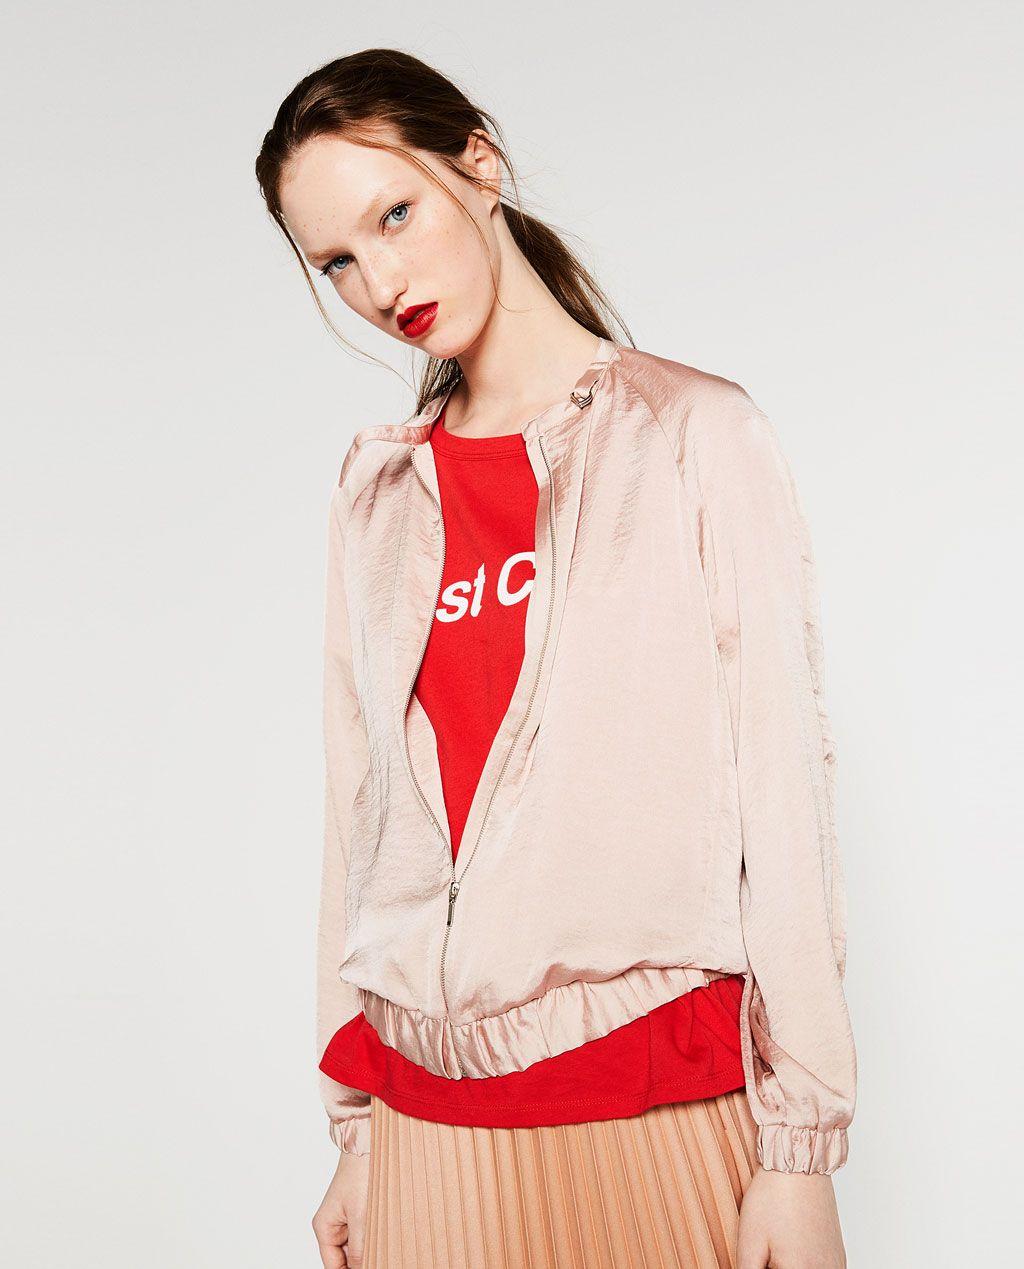 Glossy Bomber Jacket Bombers Woman Jacken Bomberjacke Modestil